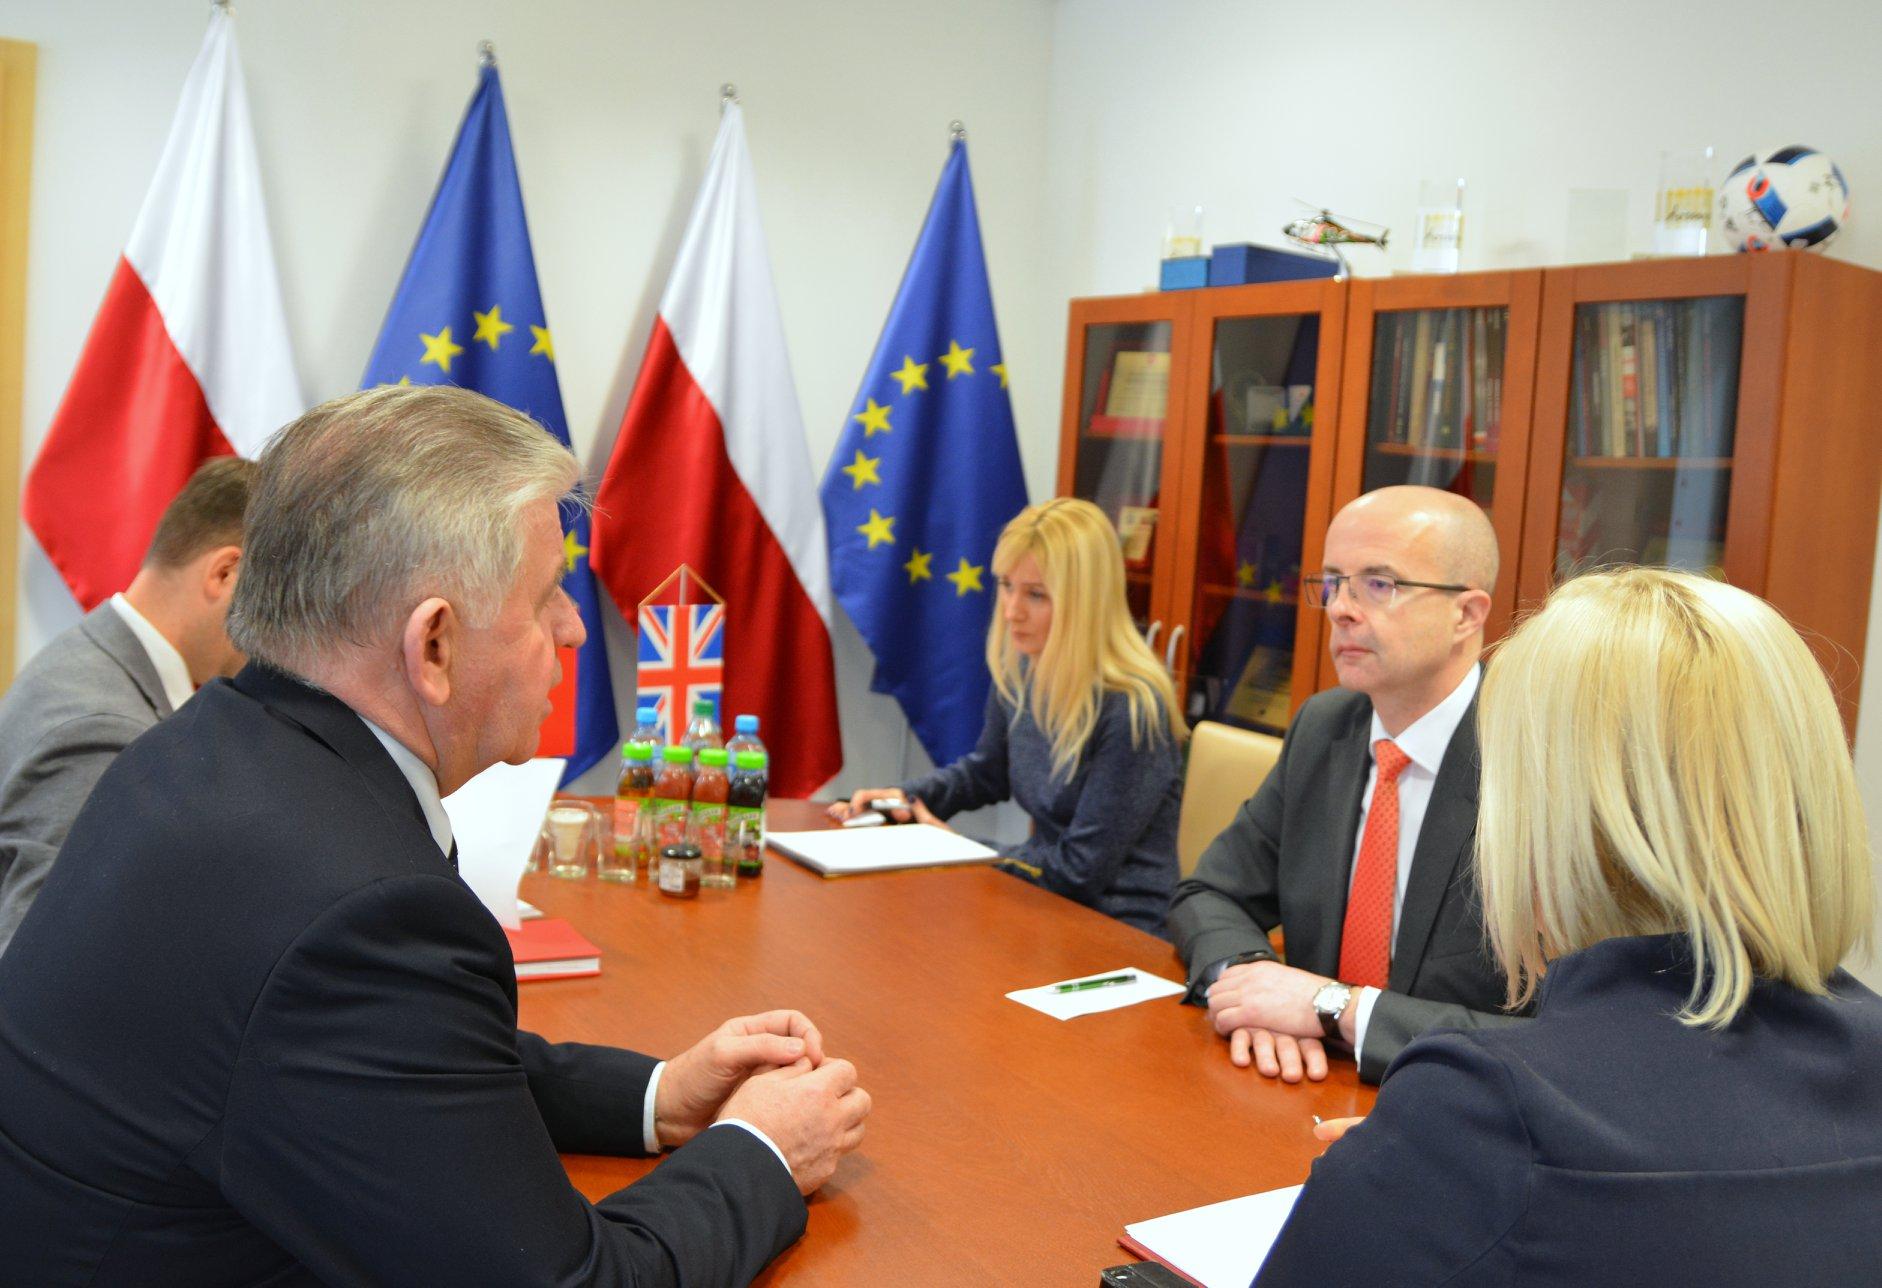 Wizyta ambasadora Wielkiej Brytanii w województwie lubelskim